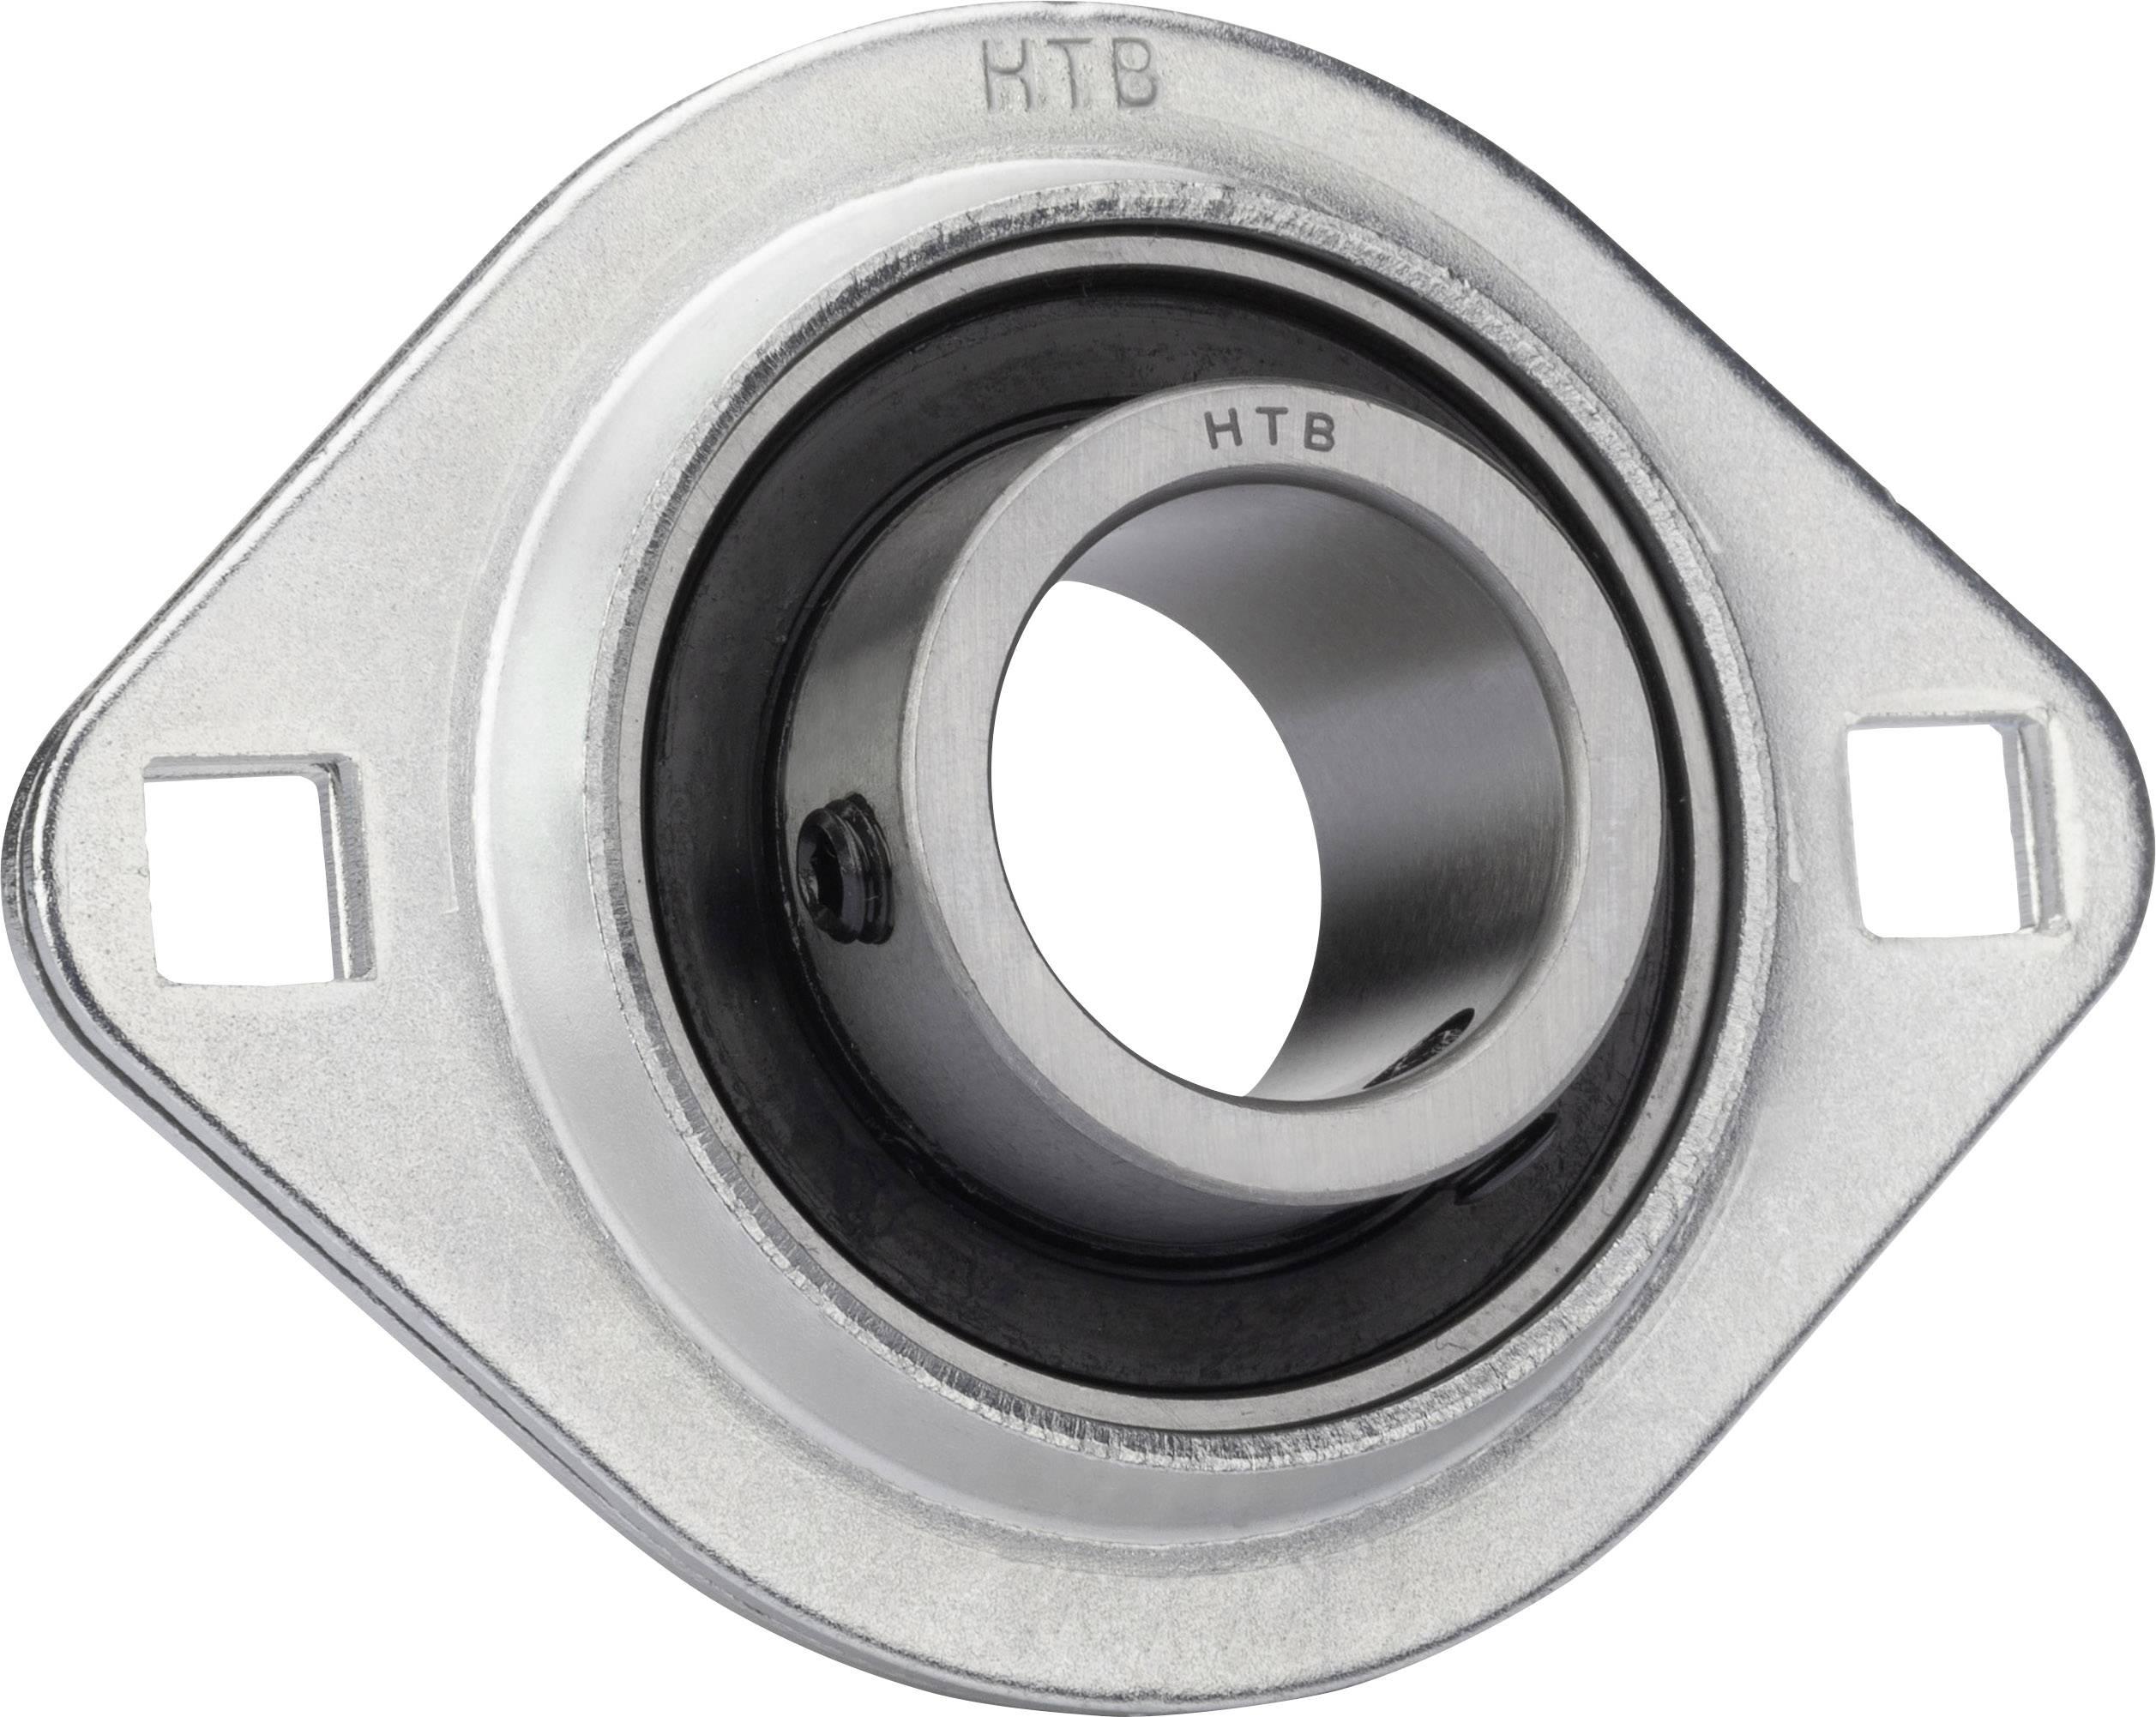 Prírubové ložisko HTB SBPFL 202, Ø otvoru 15 mm